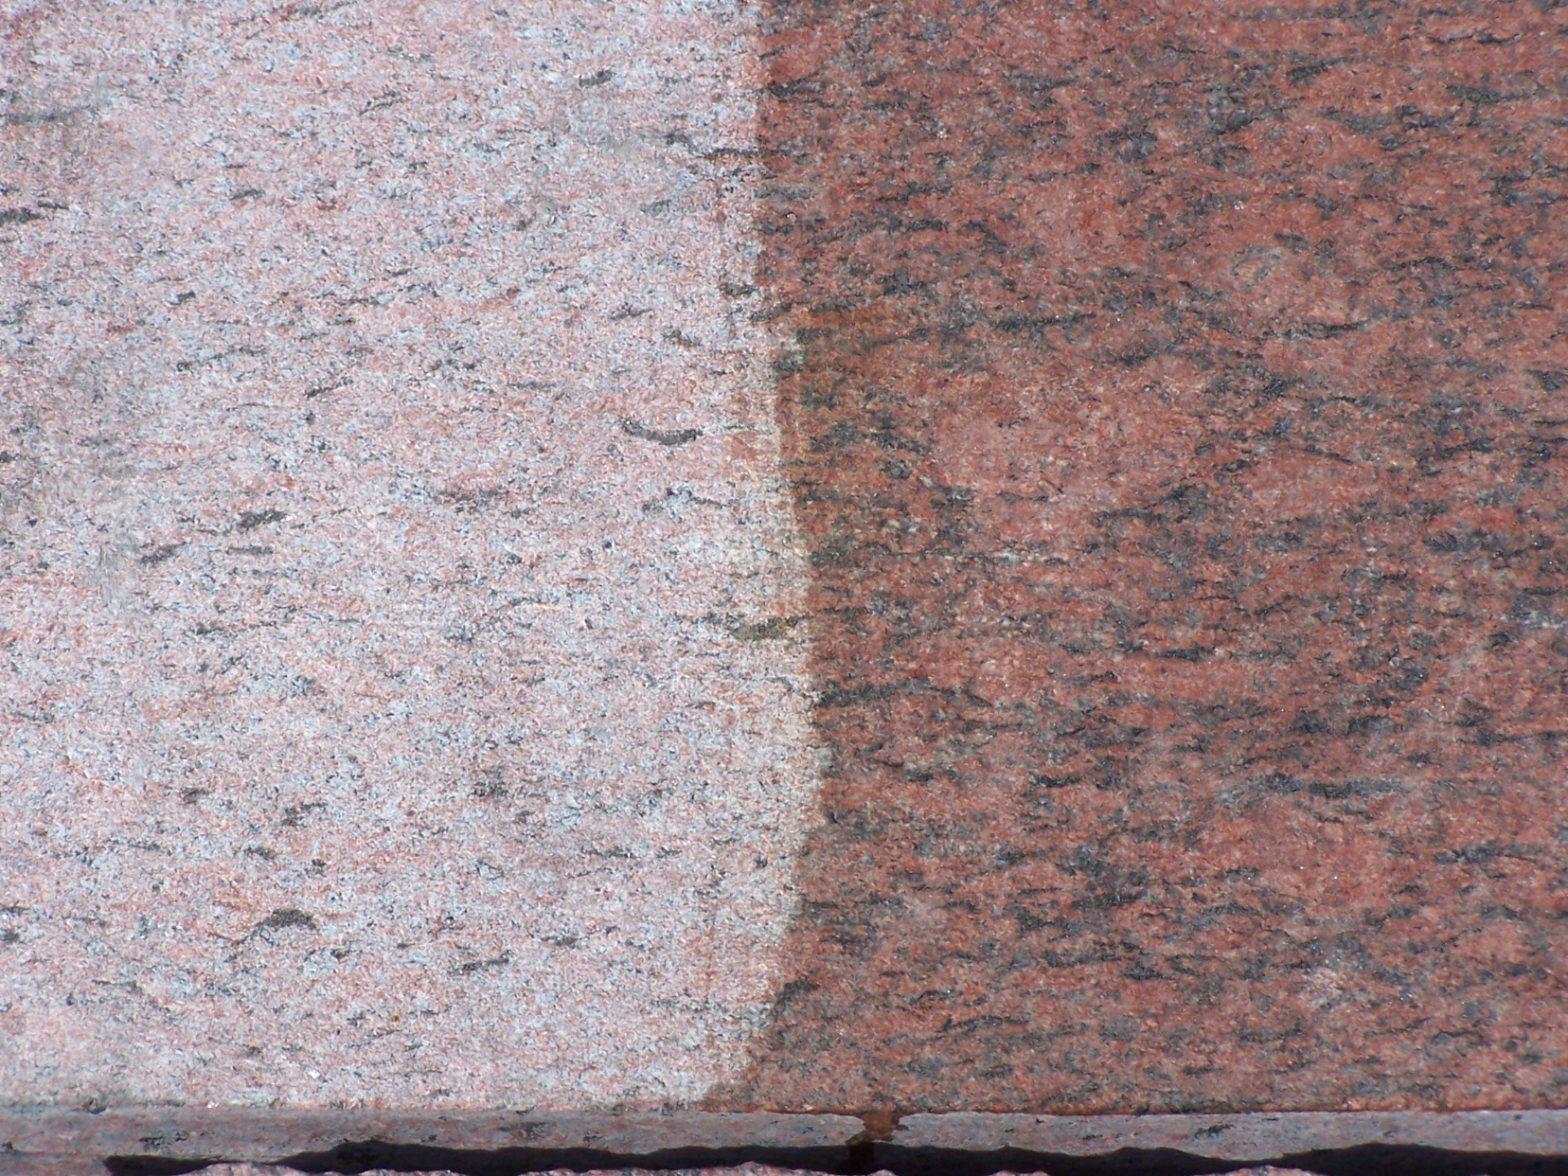 Jak uzyskać efekt mokrego kamienia?